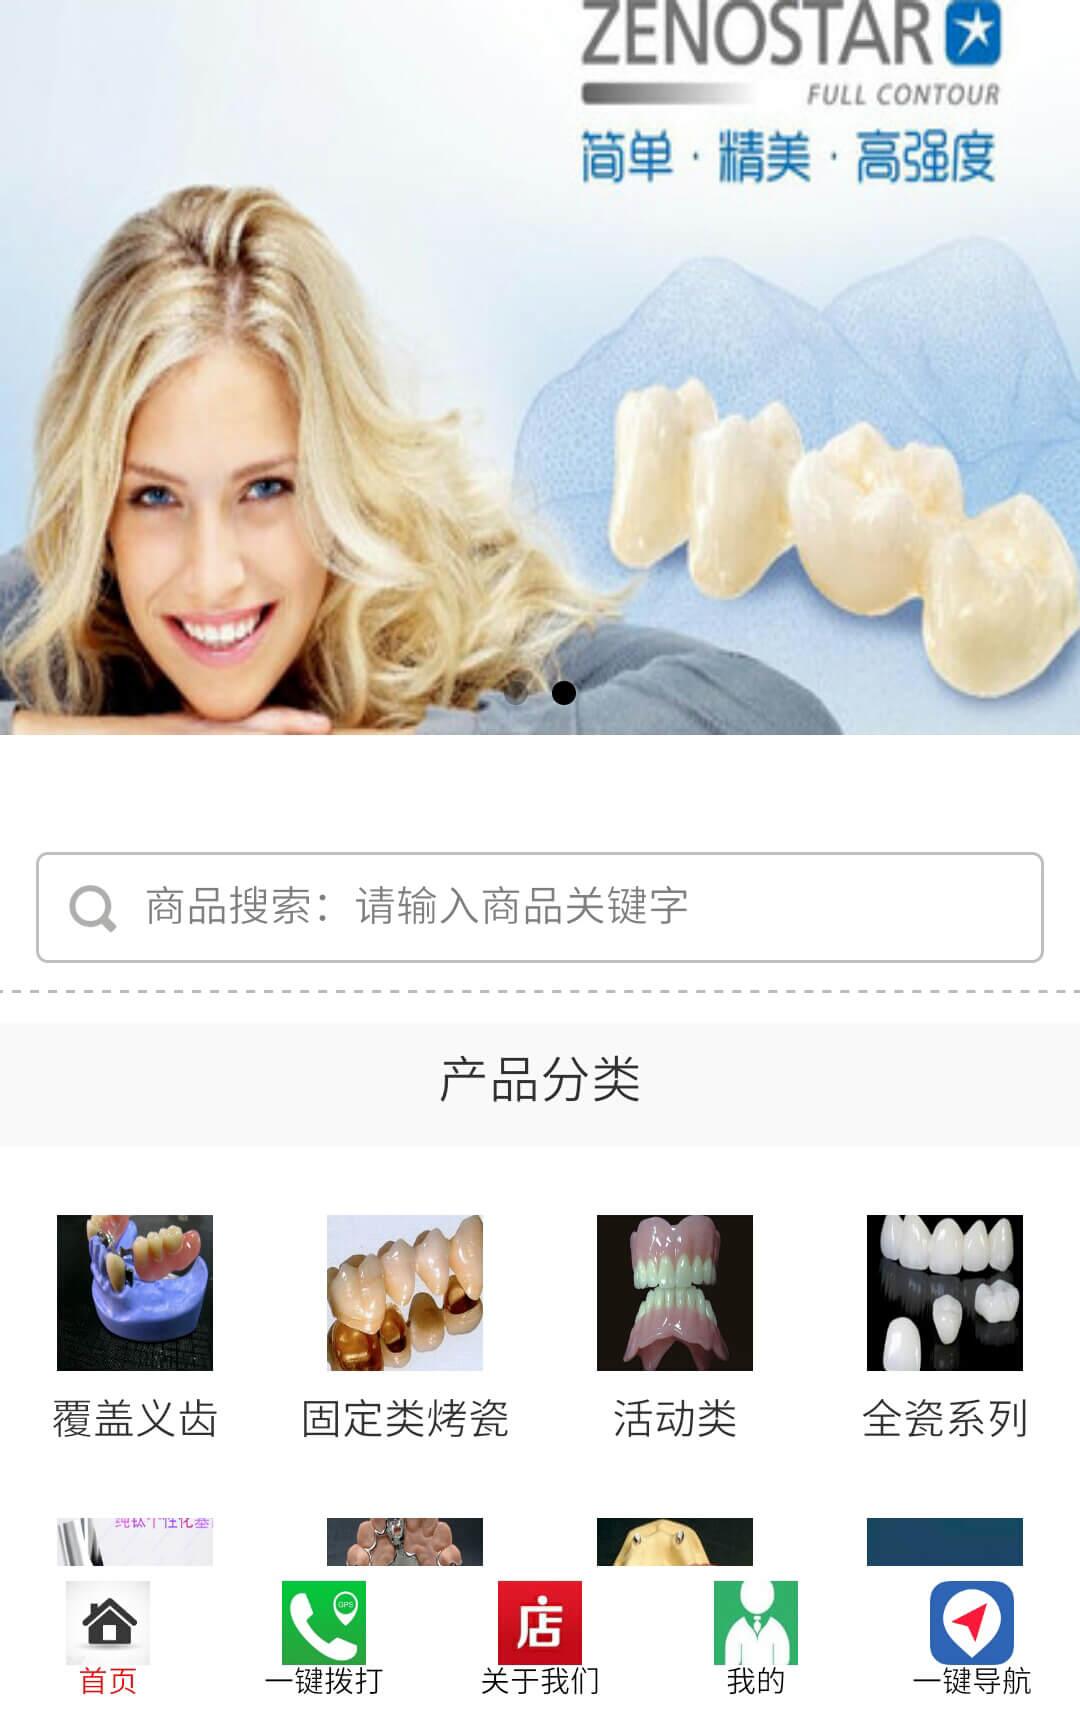 微信口腔牙科小程序